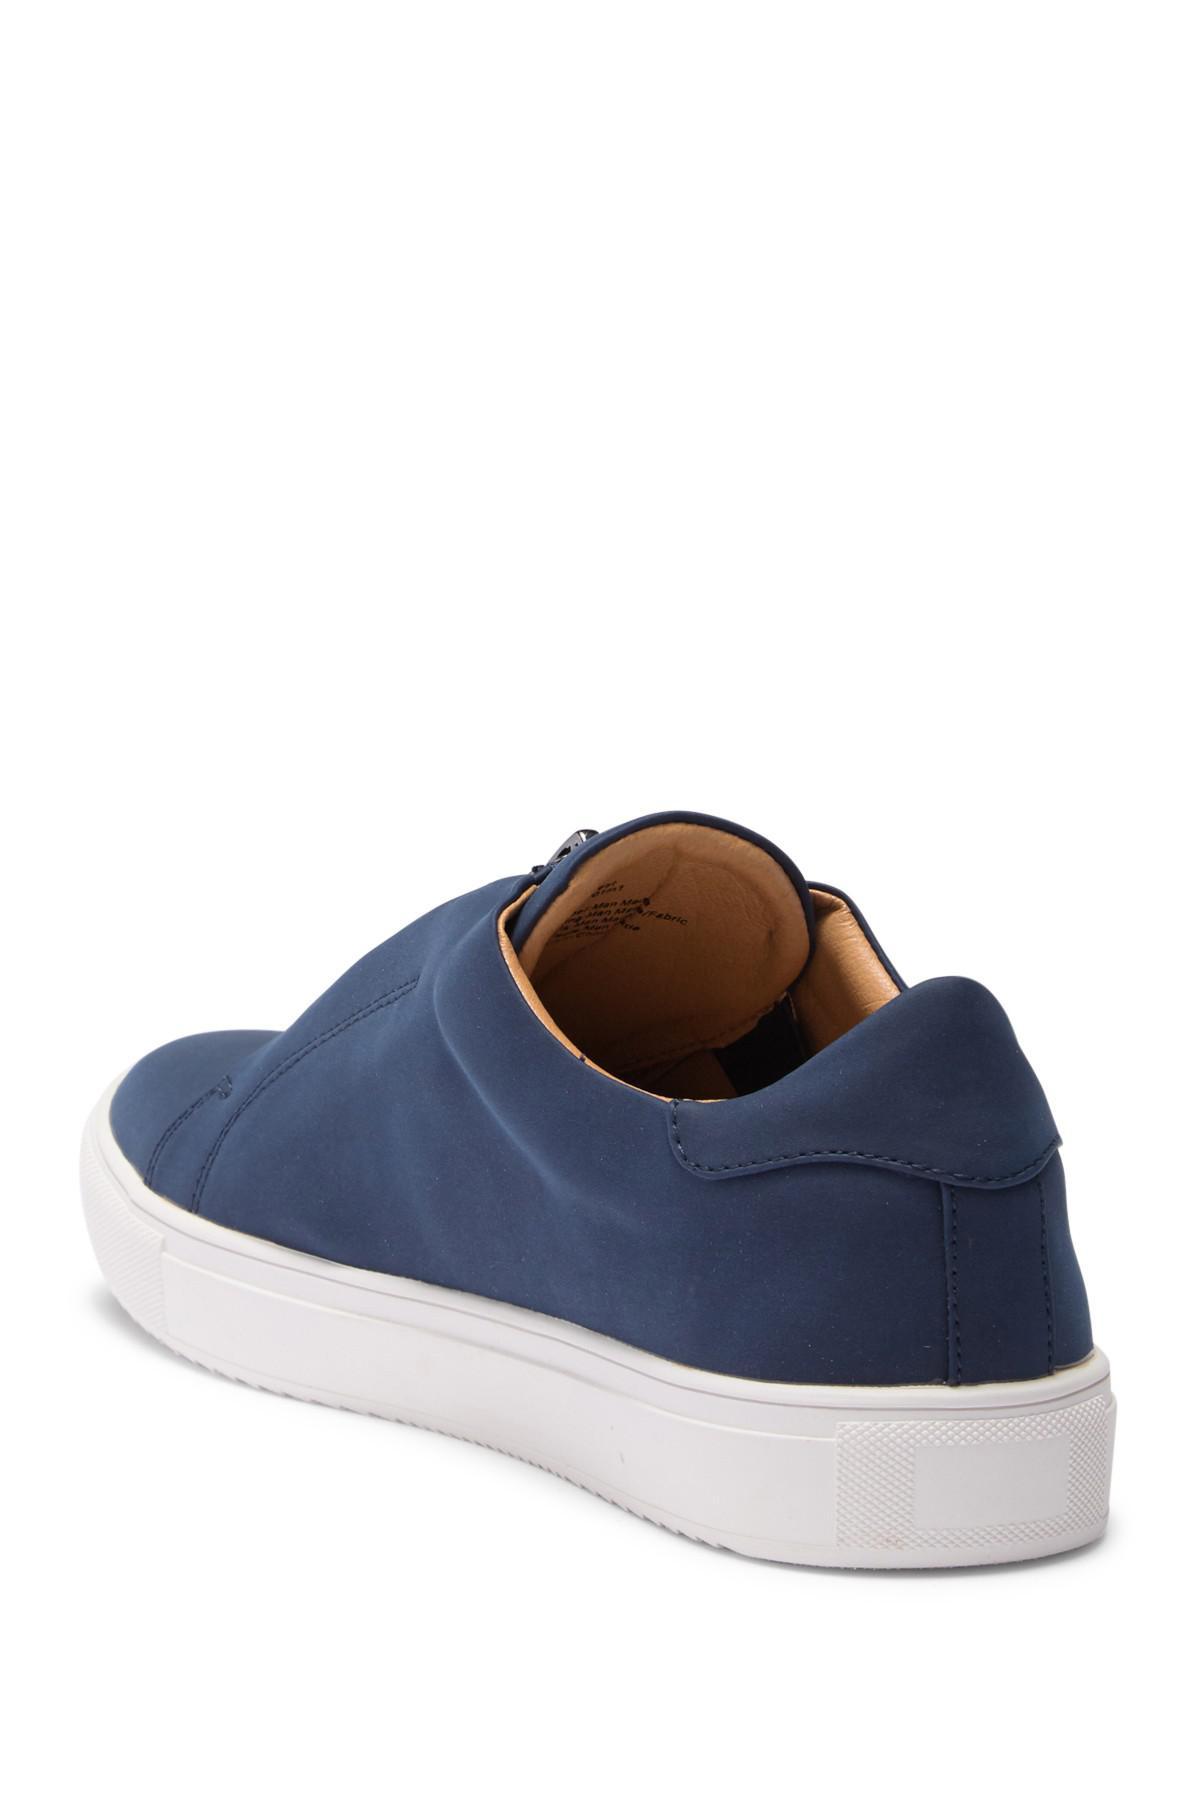 127b37e5699 Lyst - Steve Madden Everest Sneaker in Blue for Men